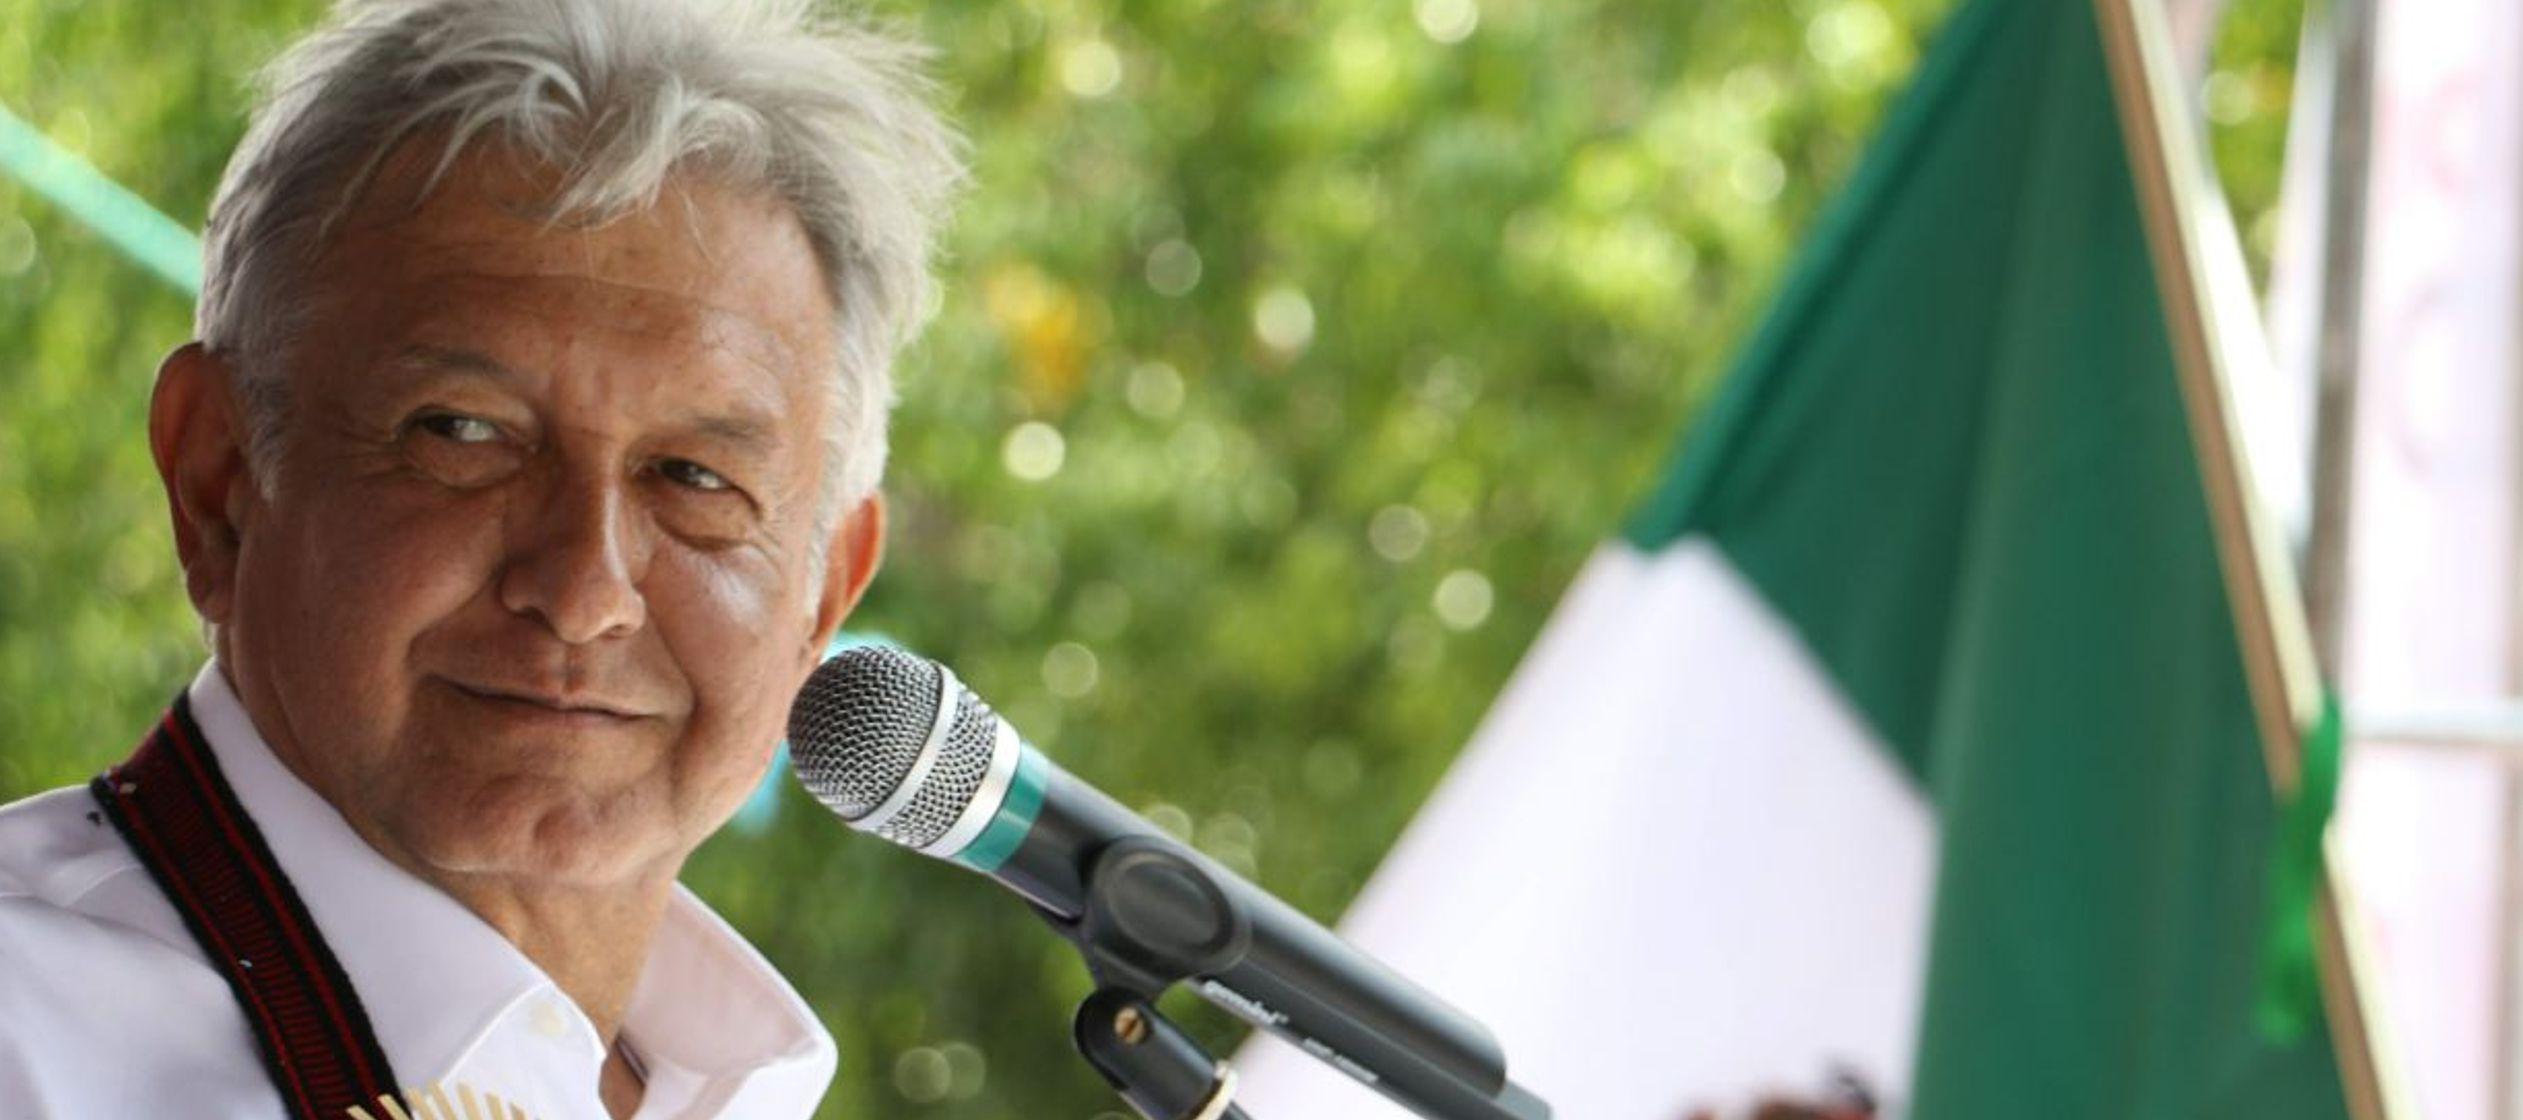 El fin del régimen tiene menos que ver con la fuerza o las virtudes de López Obrador...